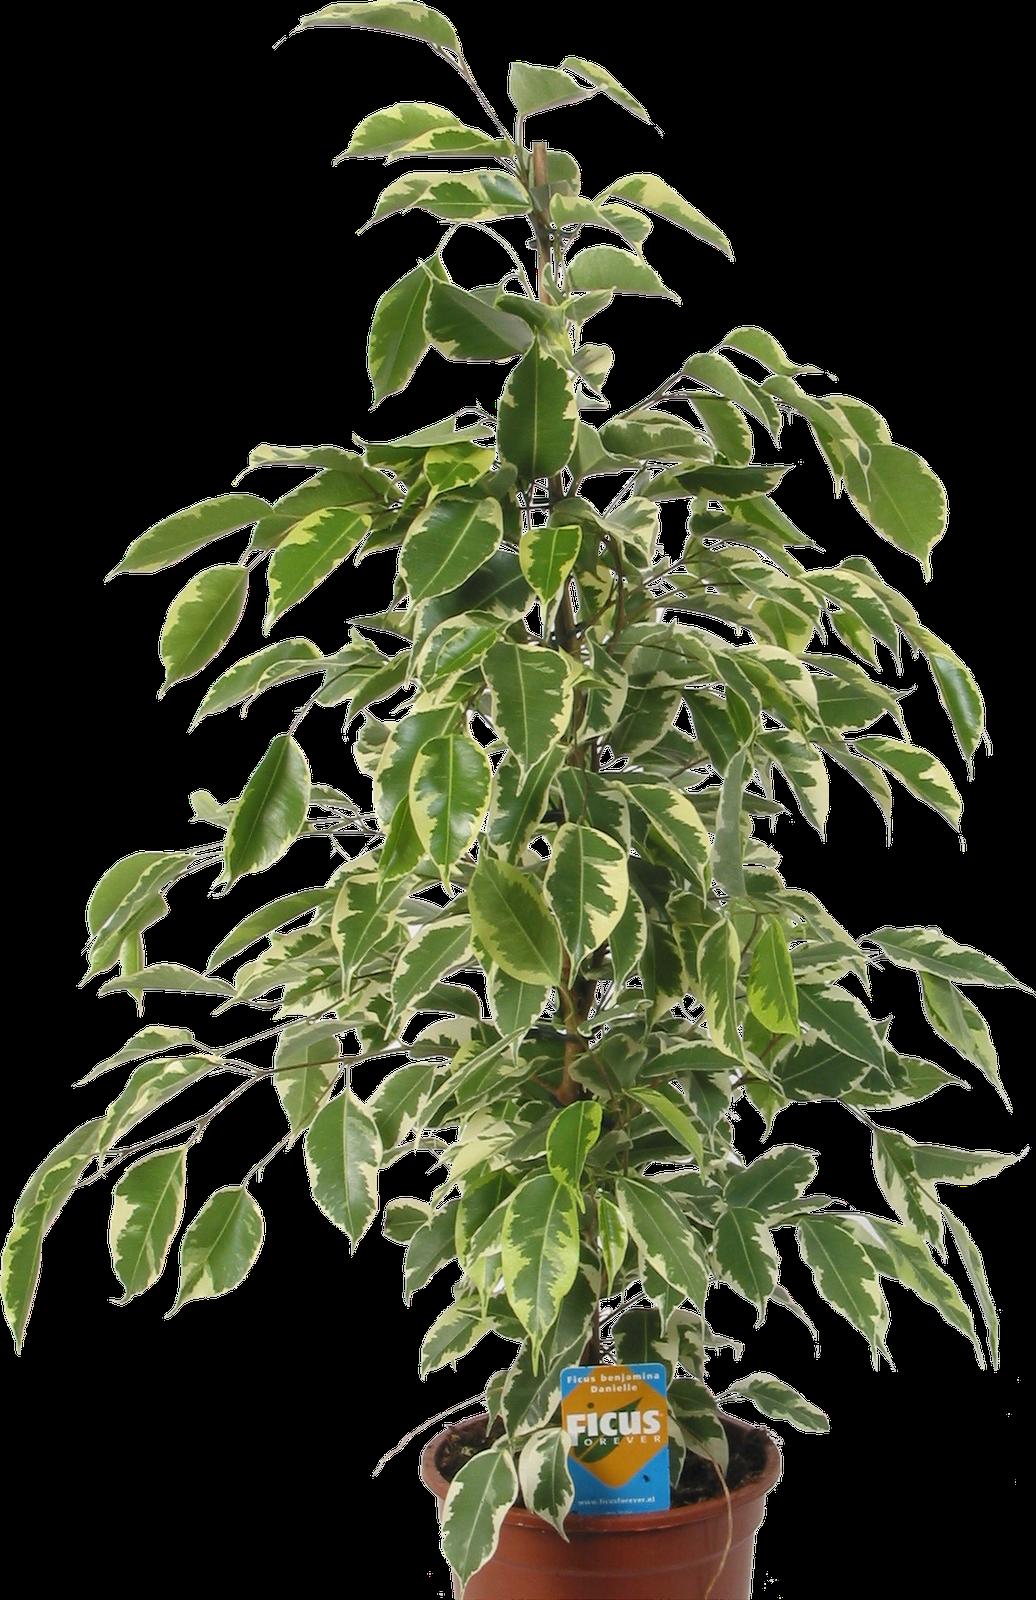 Кімнатні рослини: Фікус, або Фігове дерево (Ficus)